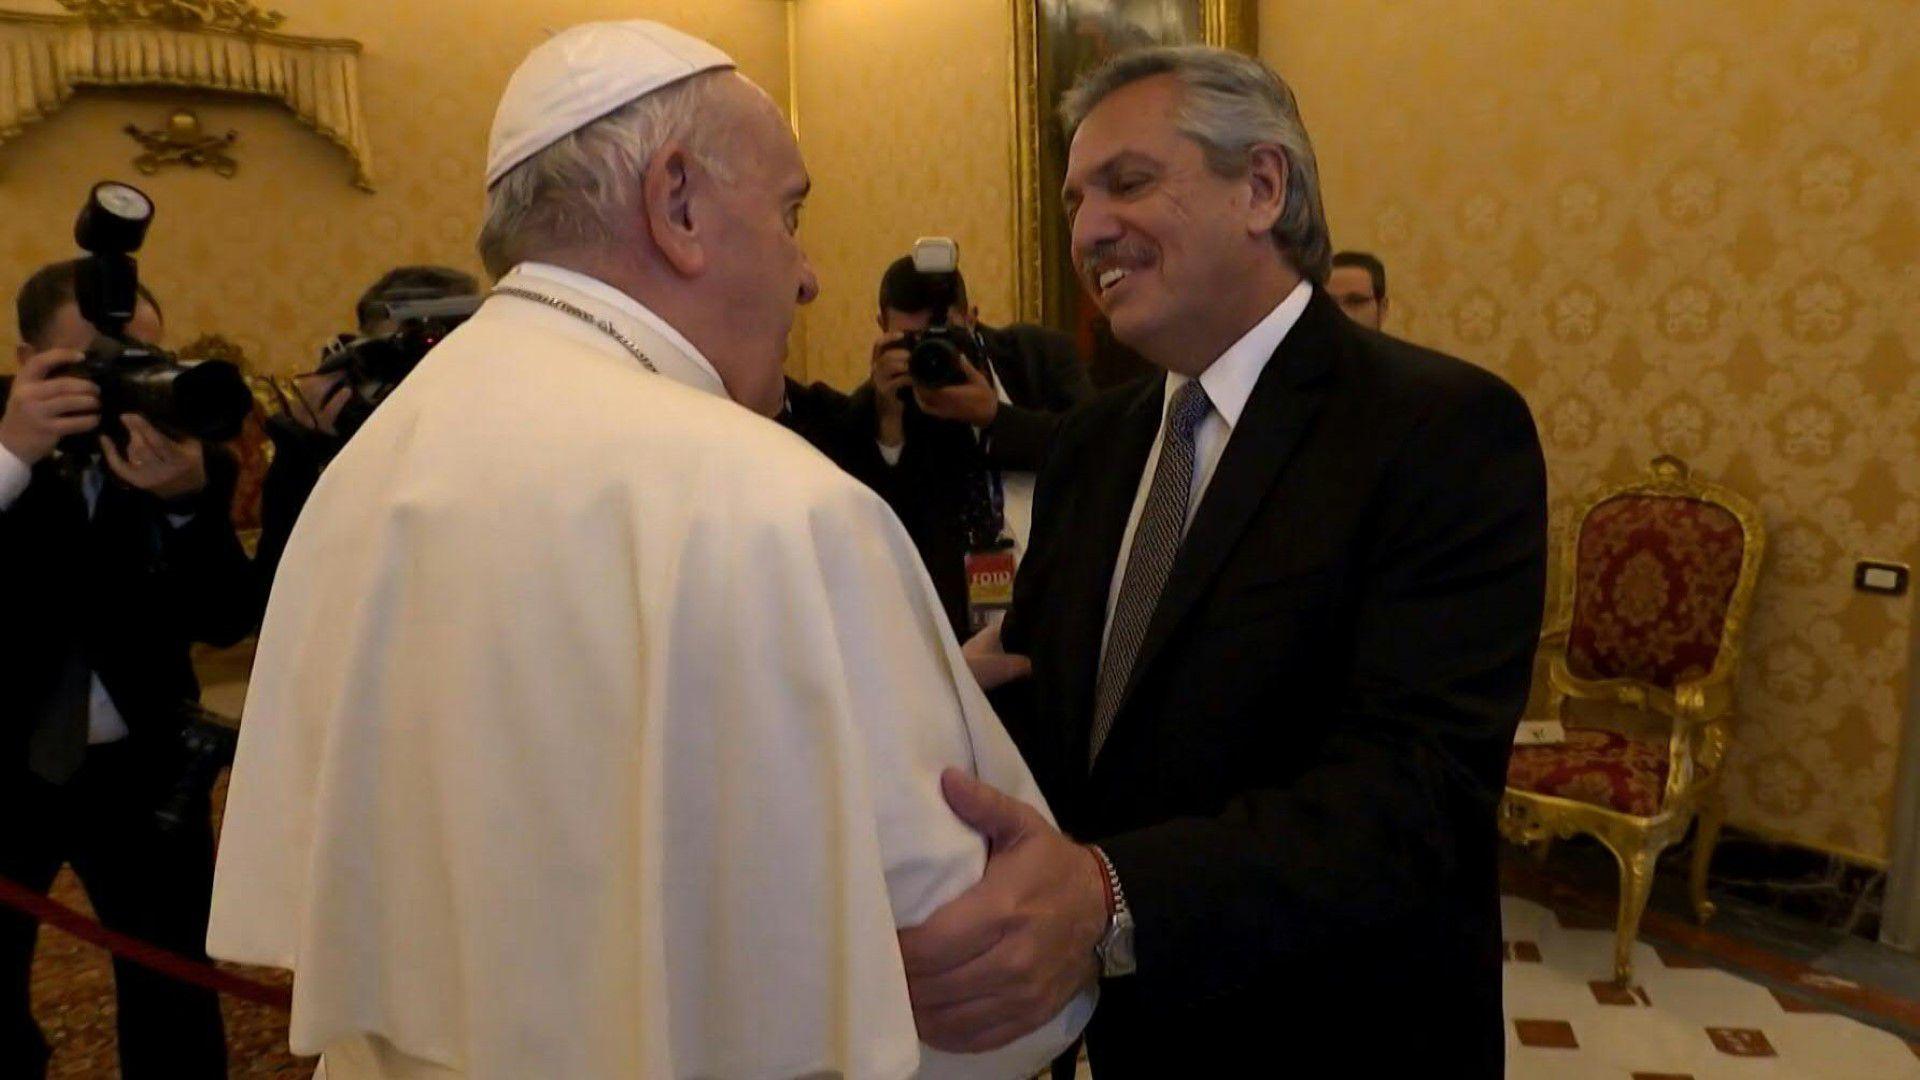 En enero de 2020, el papa Francisco recibió en el Vaticano a Alberto Fernández a pocos días de haber asumido como Presidente